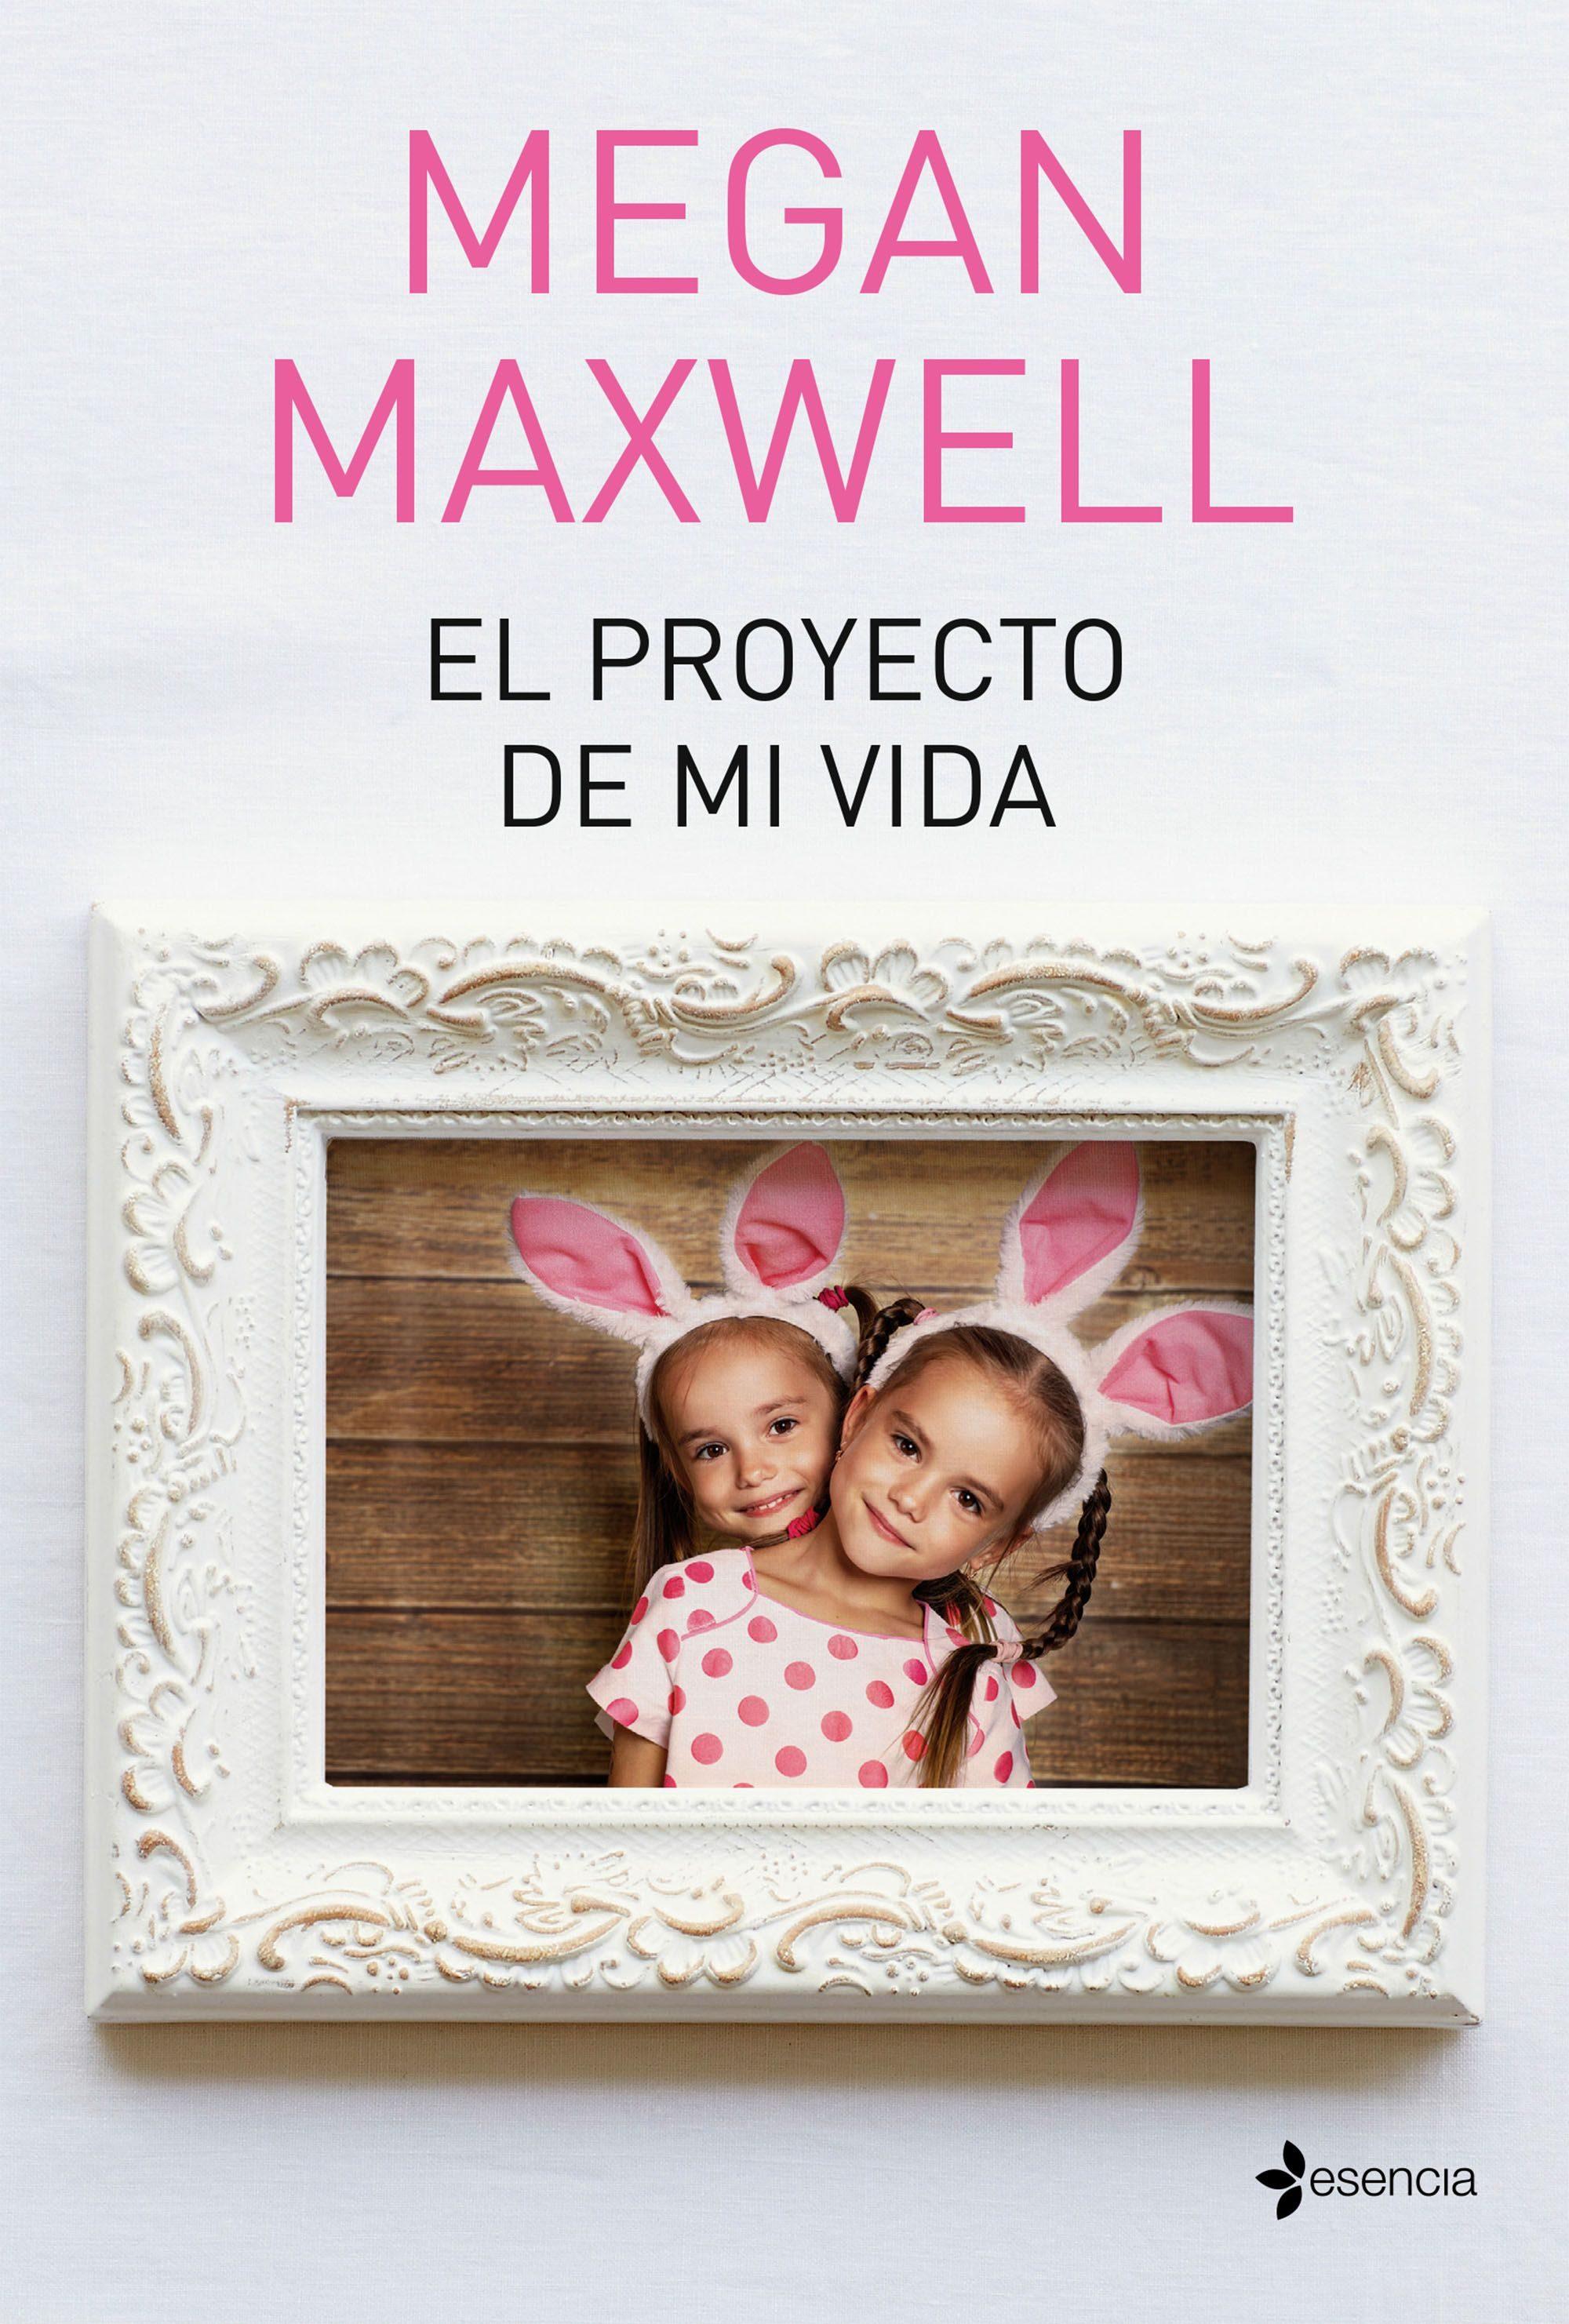 El Proyecto de mi Vida - Megan Maxwell - Esencia